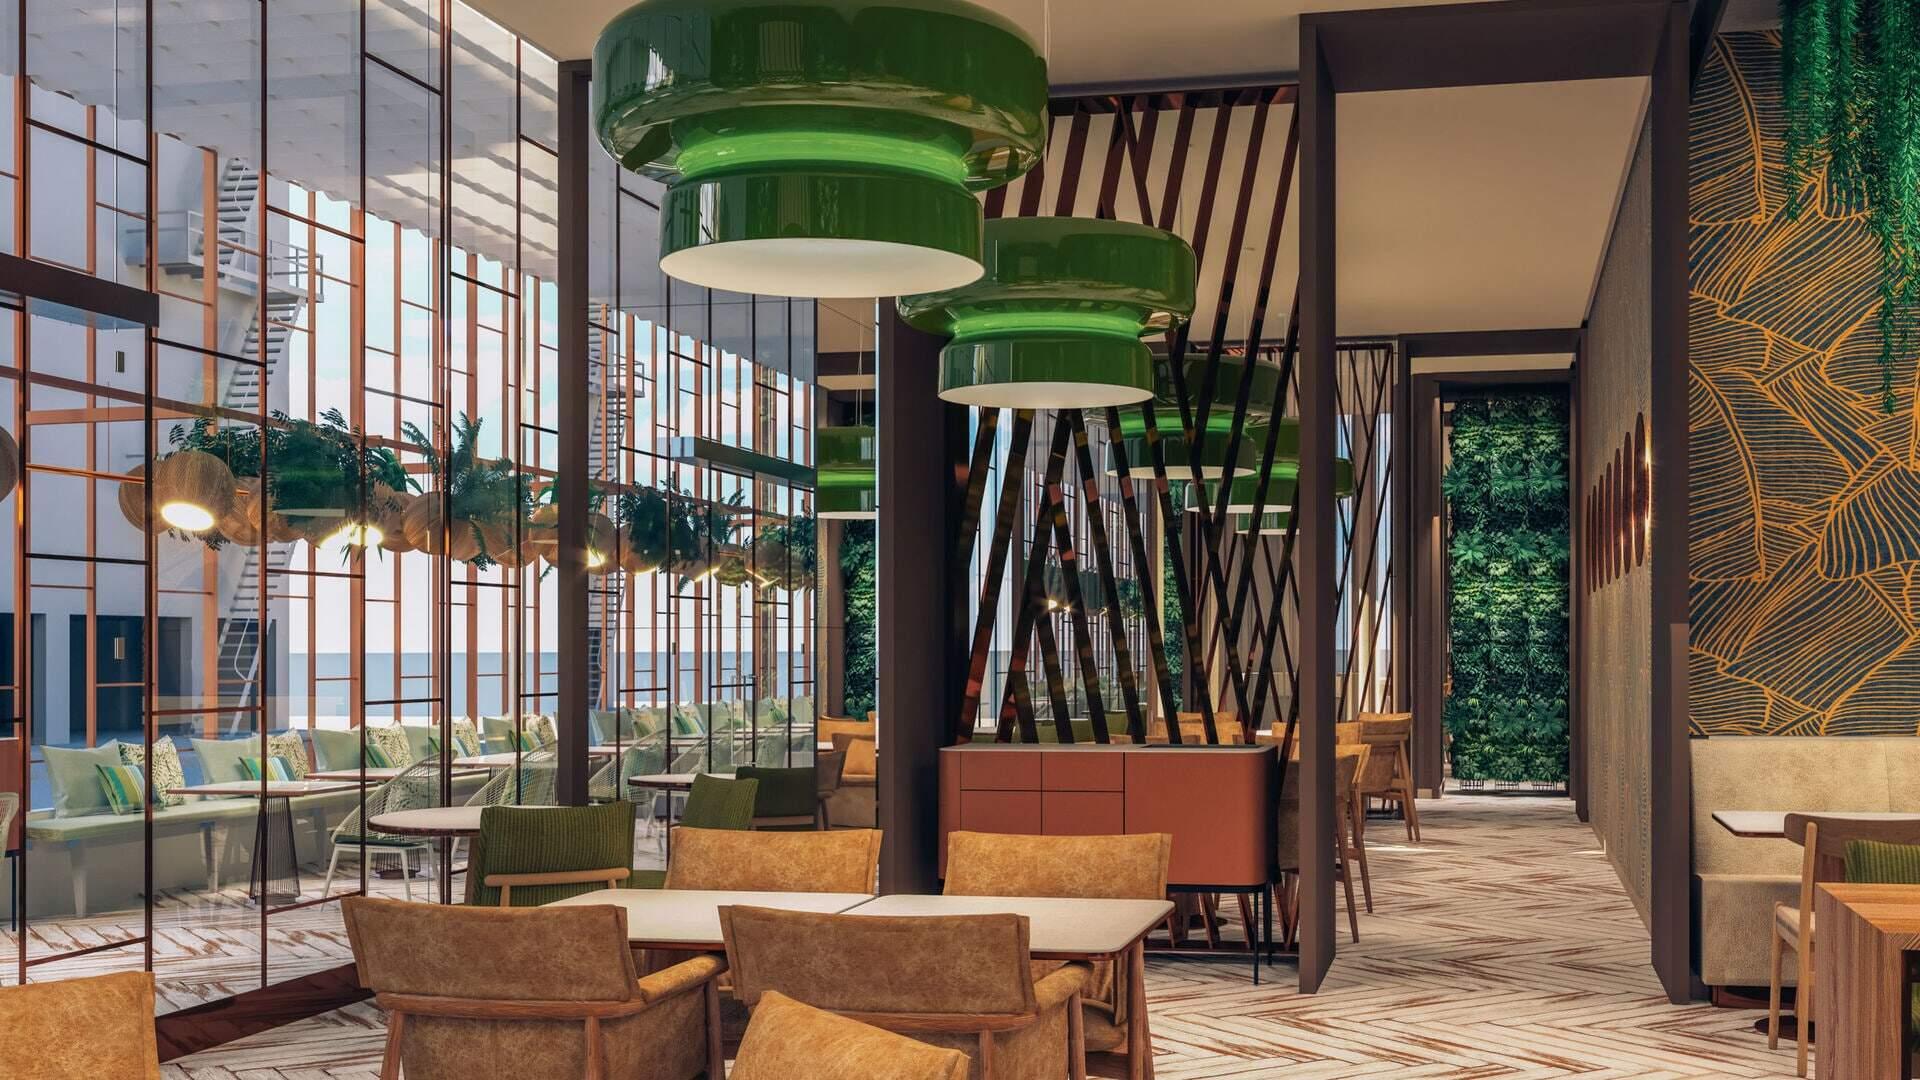 iberostar-abrira-el-primer-hotel-libre-de-plasticos-en-peru-3-alt